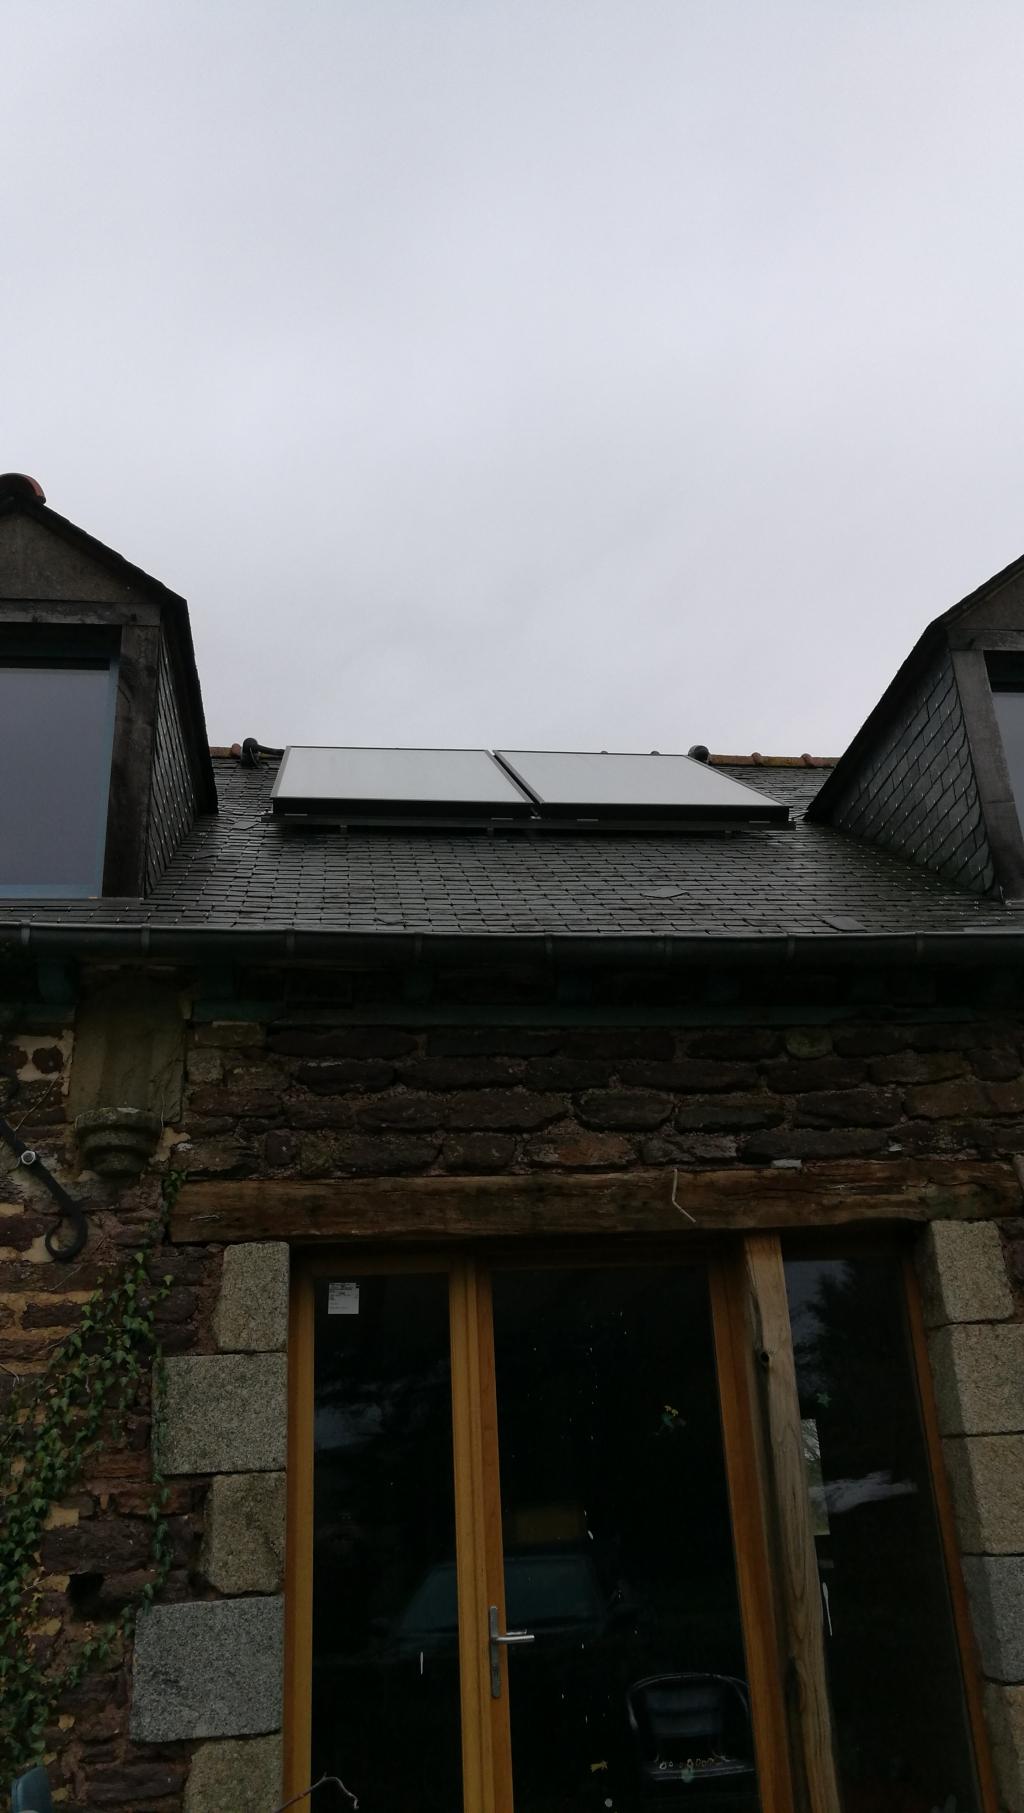 Installation solaire par installateur qualifié